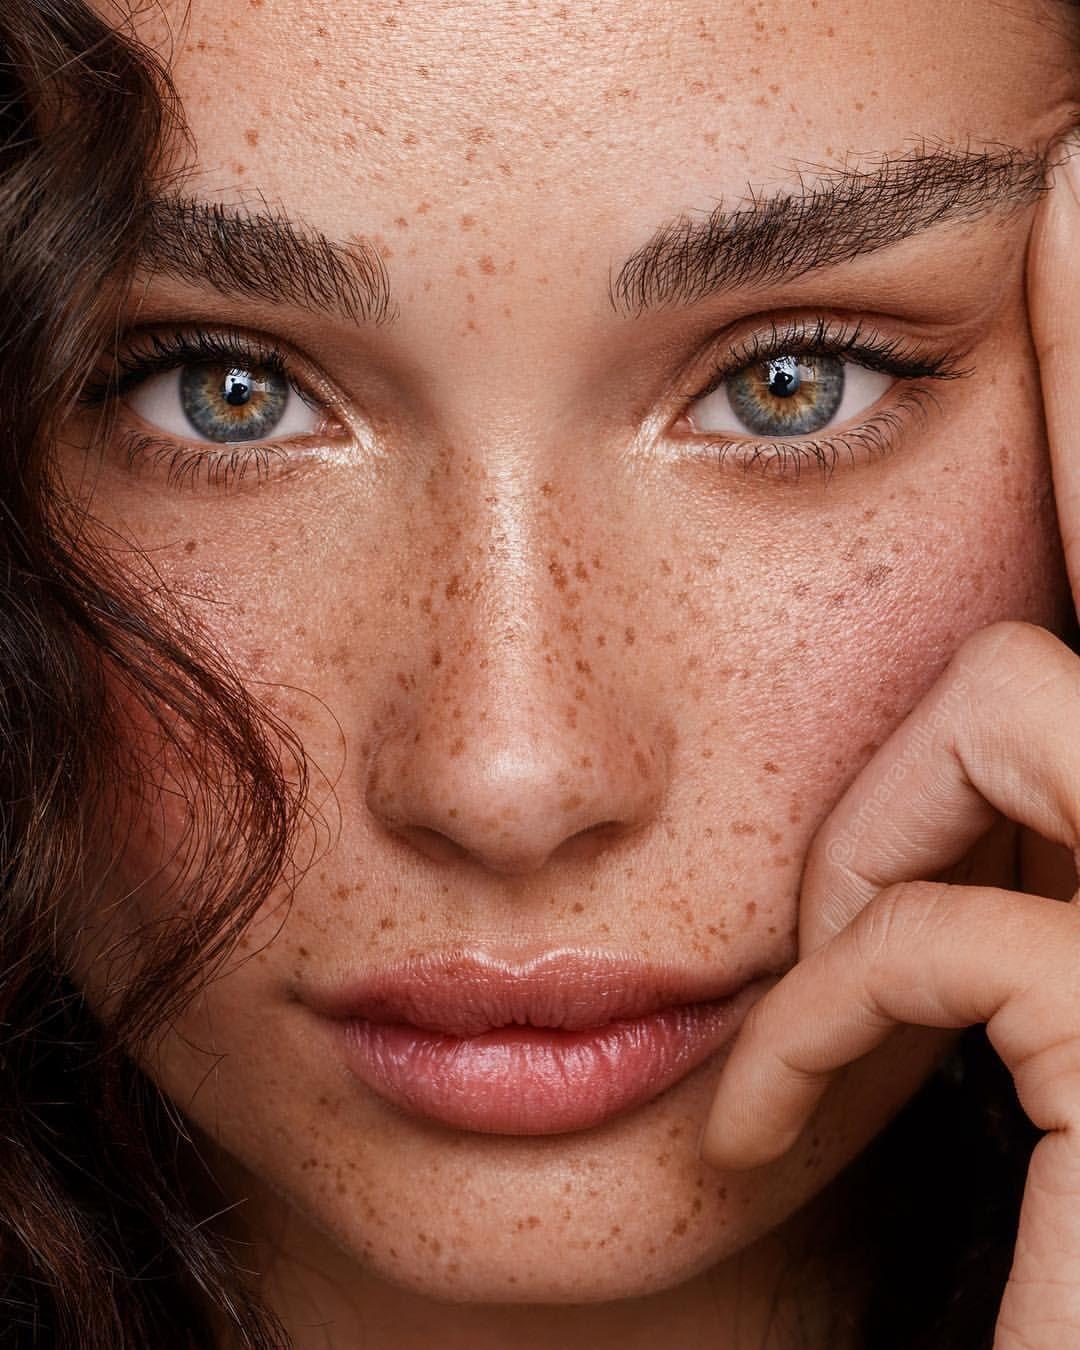 сложно материал фото можно ли убрать веснушки на лице вас есть